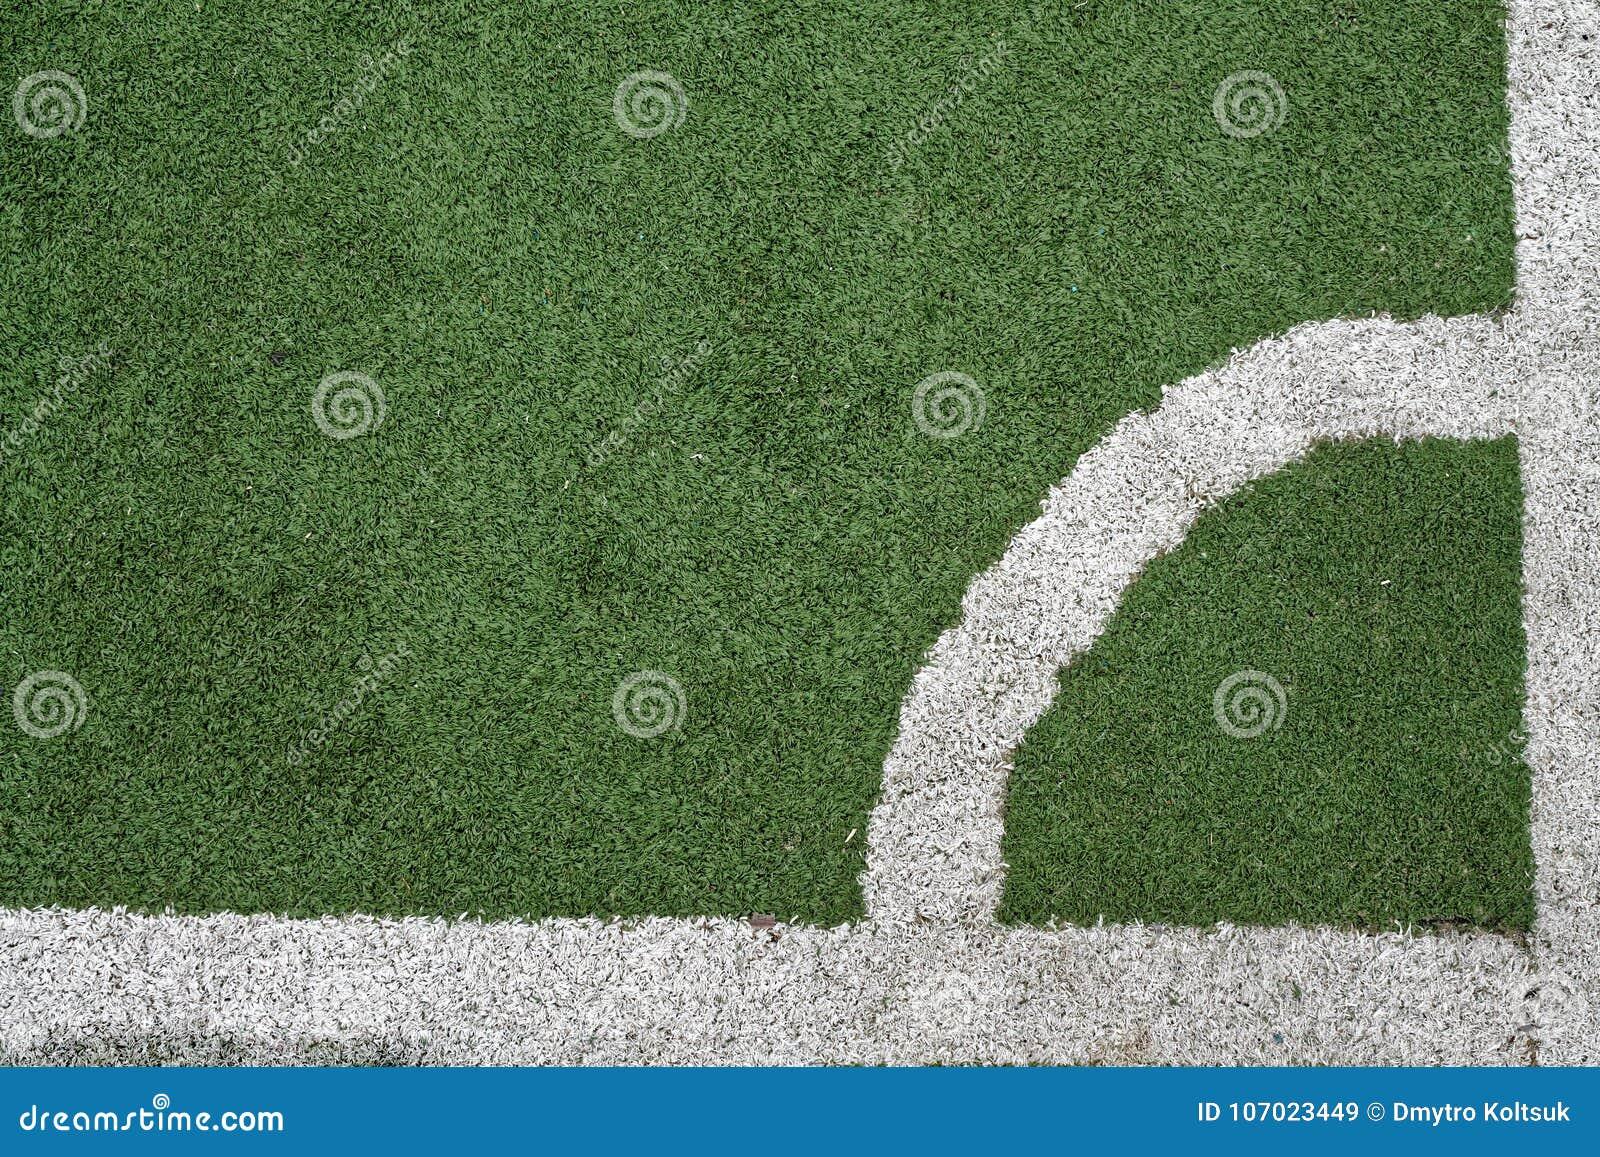 Fondos de futbol para paginas web